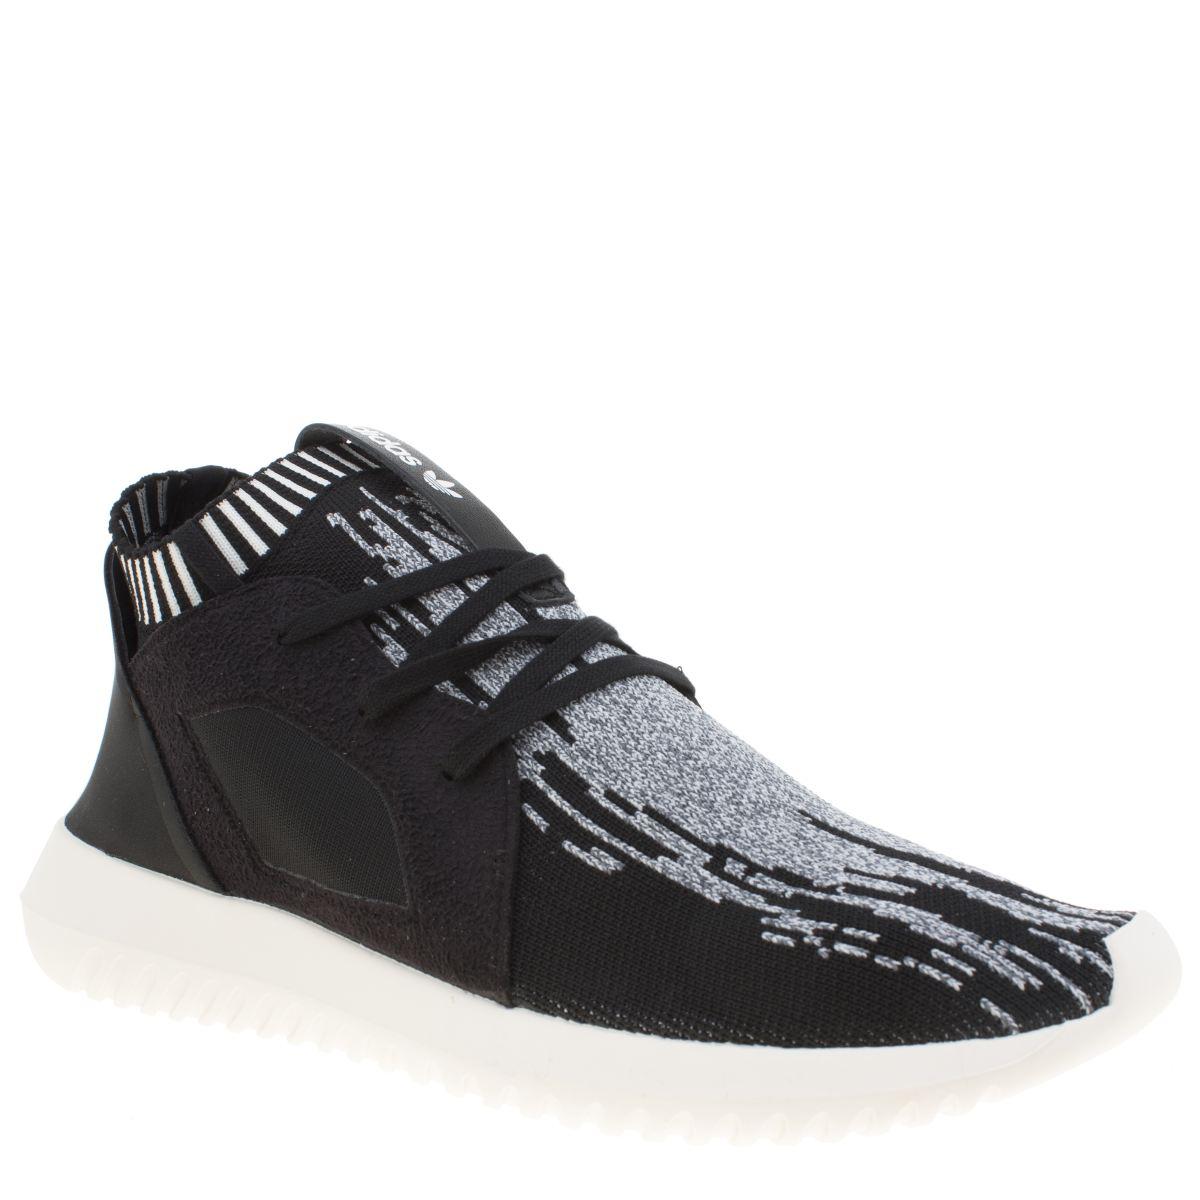 Tubular Adidas Black And White